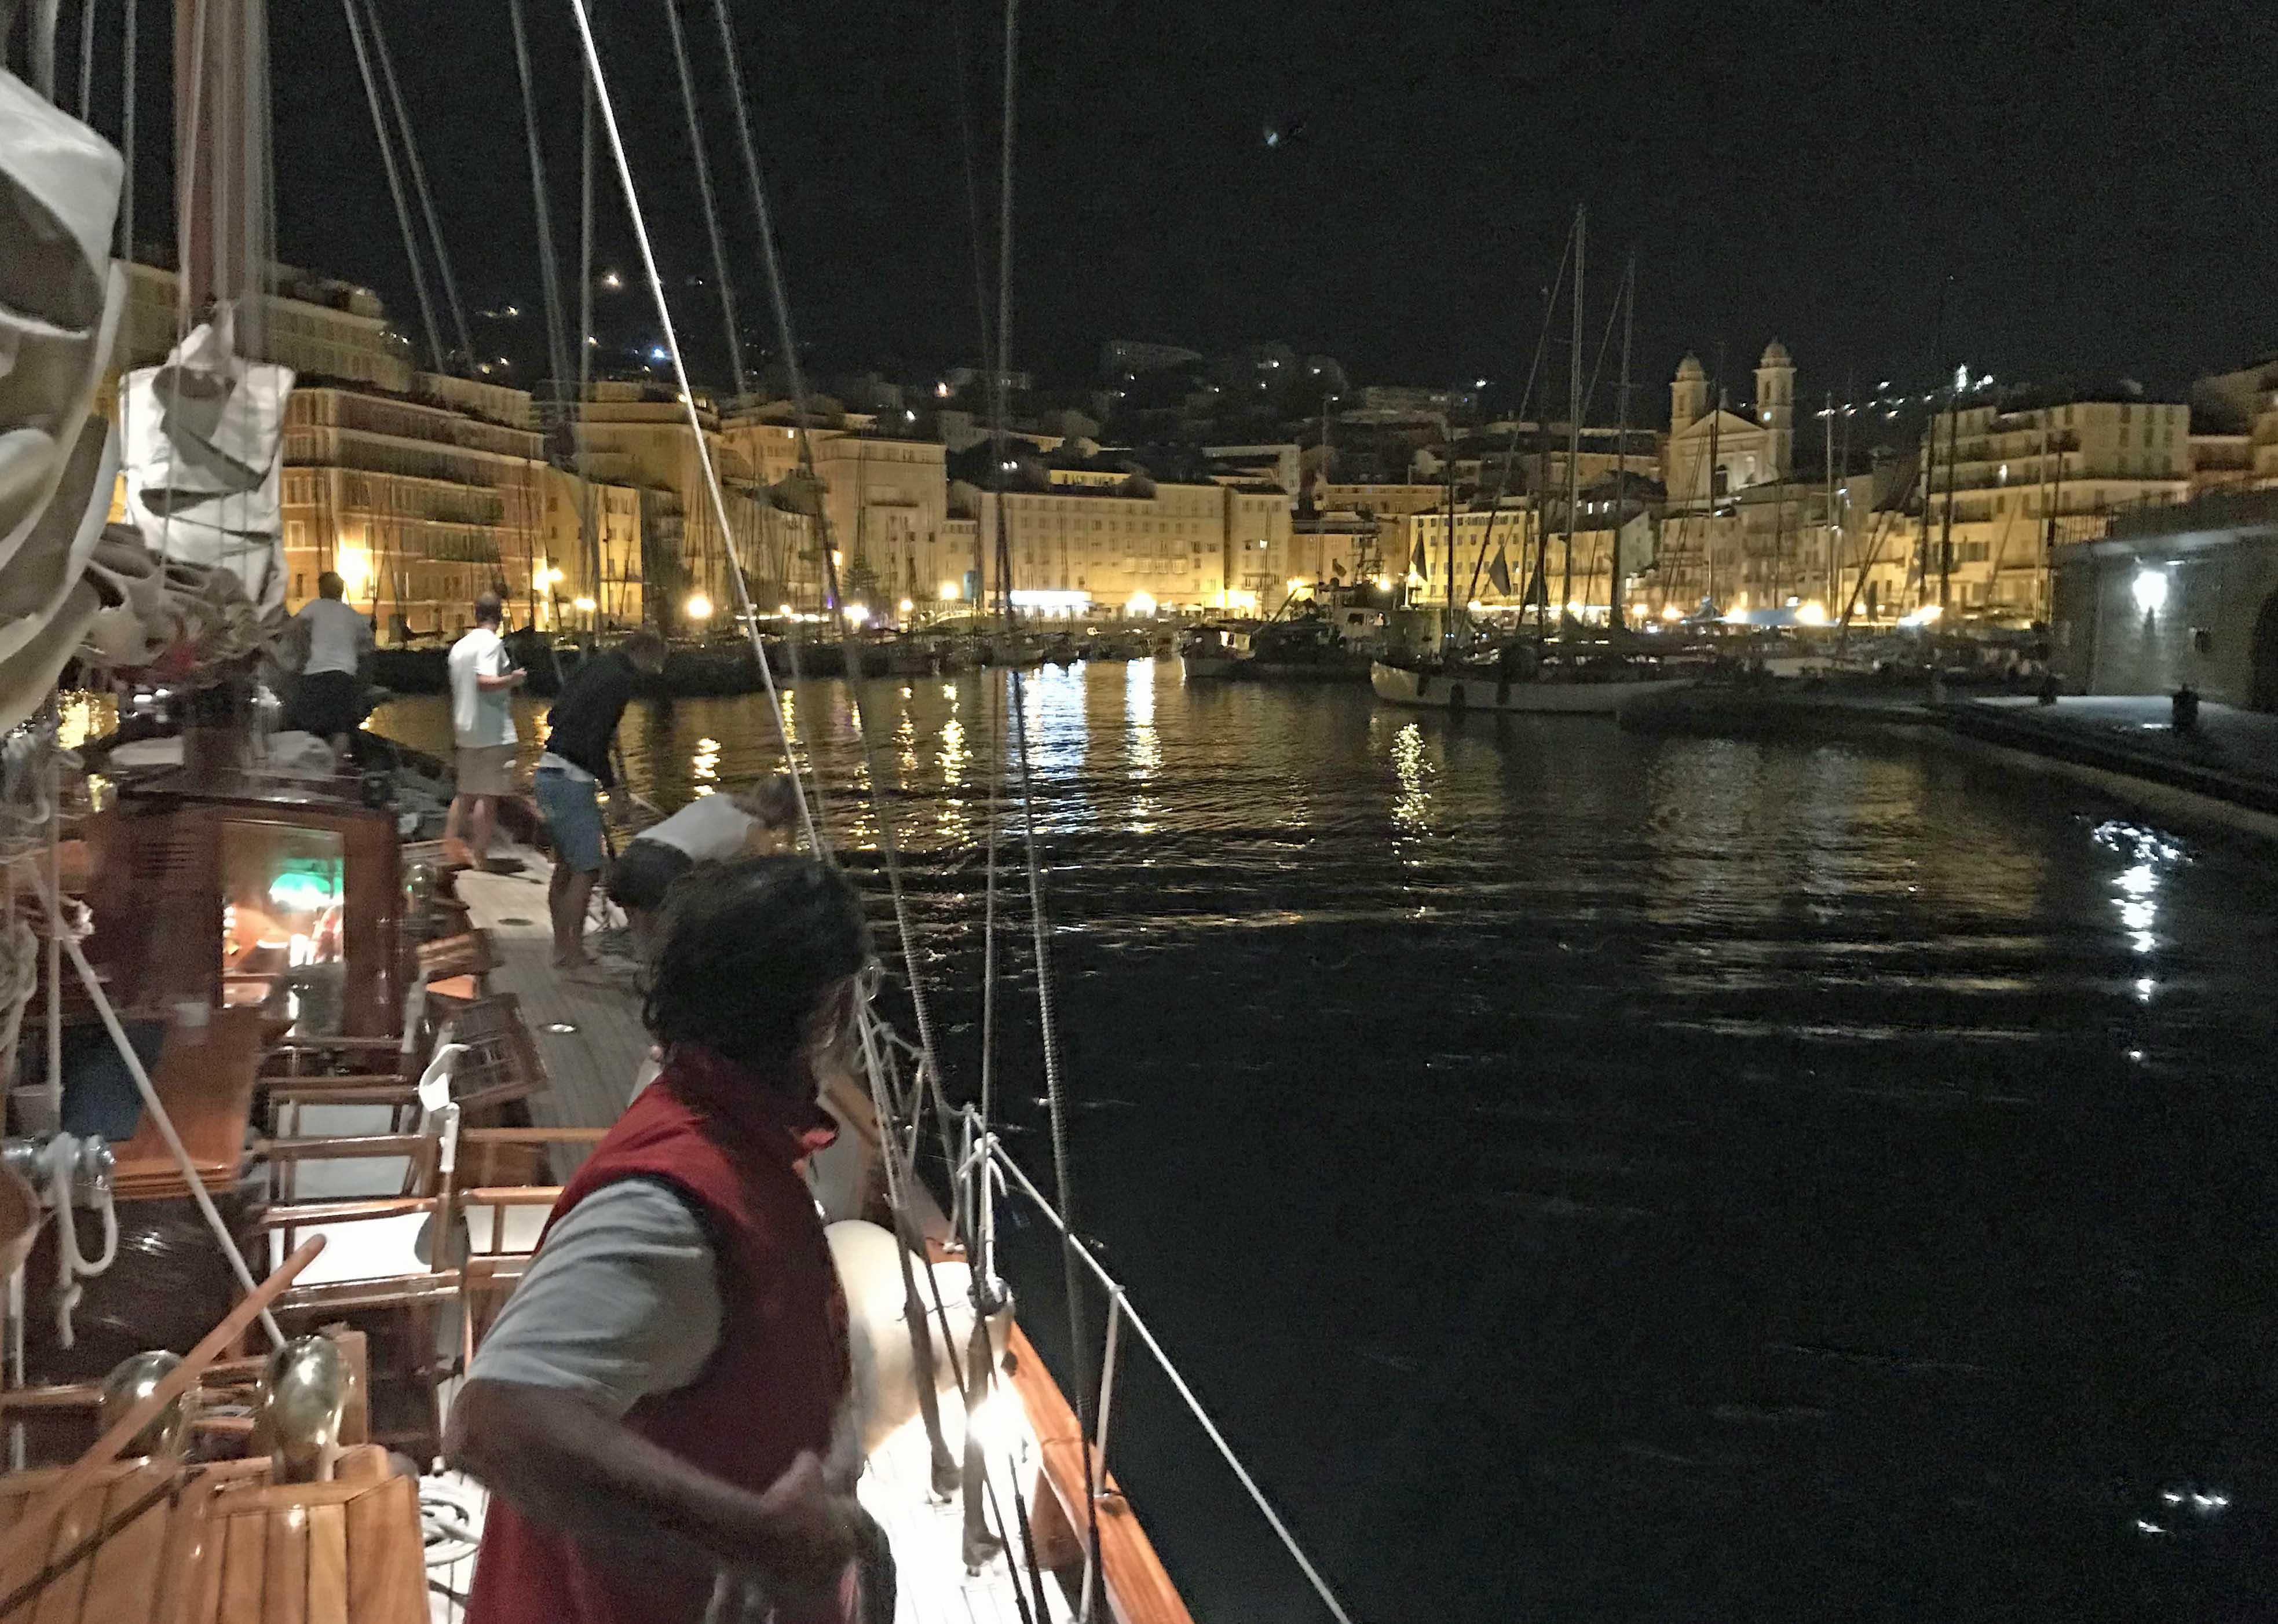 CC 2019 SY Hygie port de Bastia Vieux port  Sari-Solenzara - Bastia photo Thibaud Assante DR